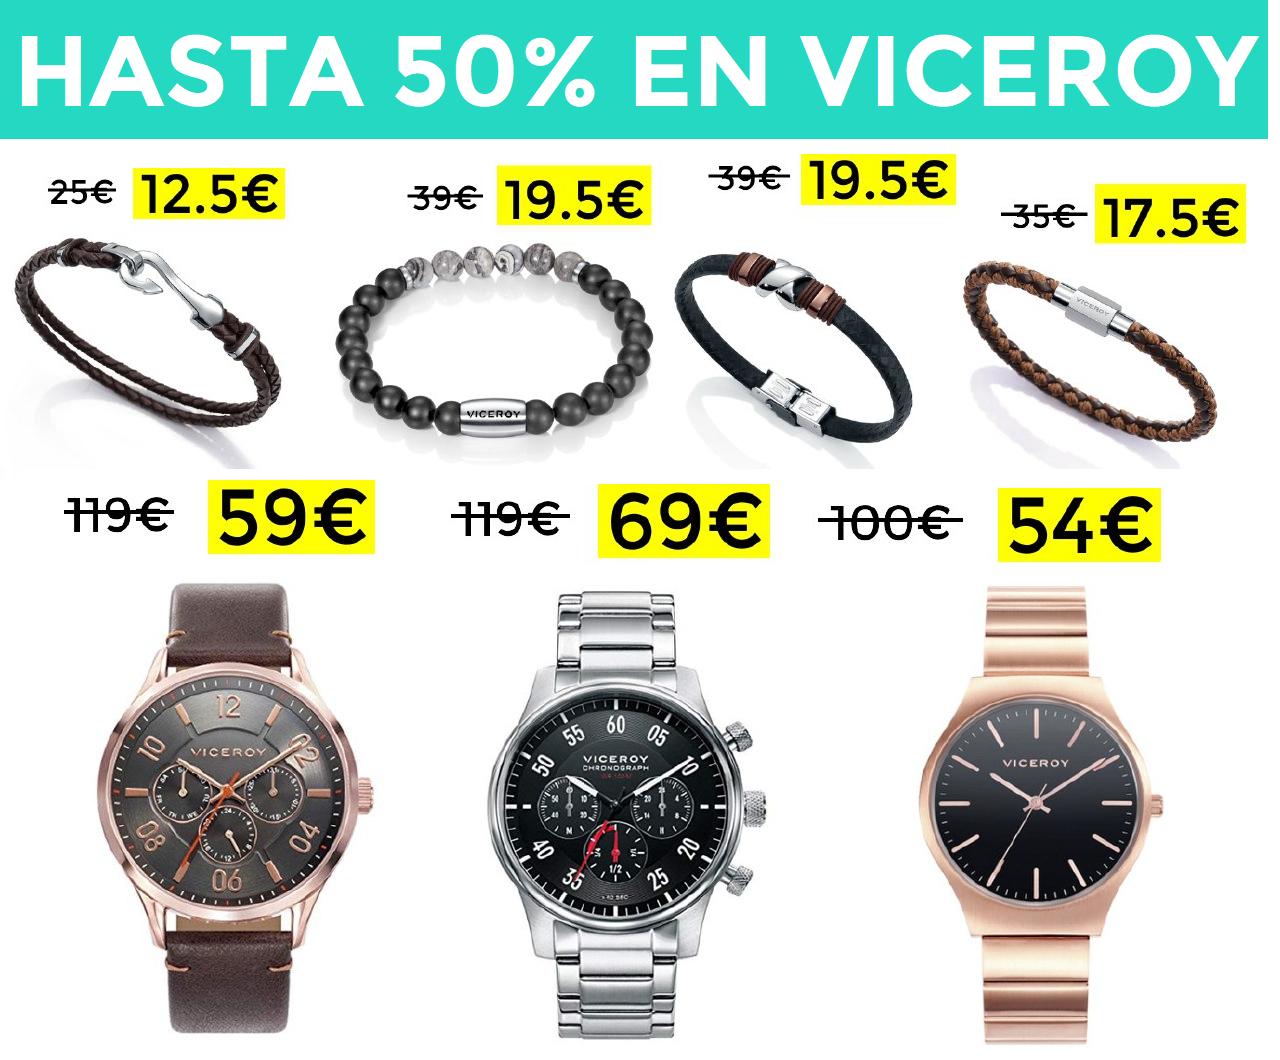 Hasta 50% en Viceroy joyería y relojes